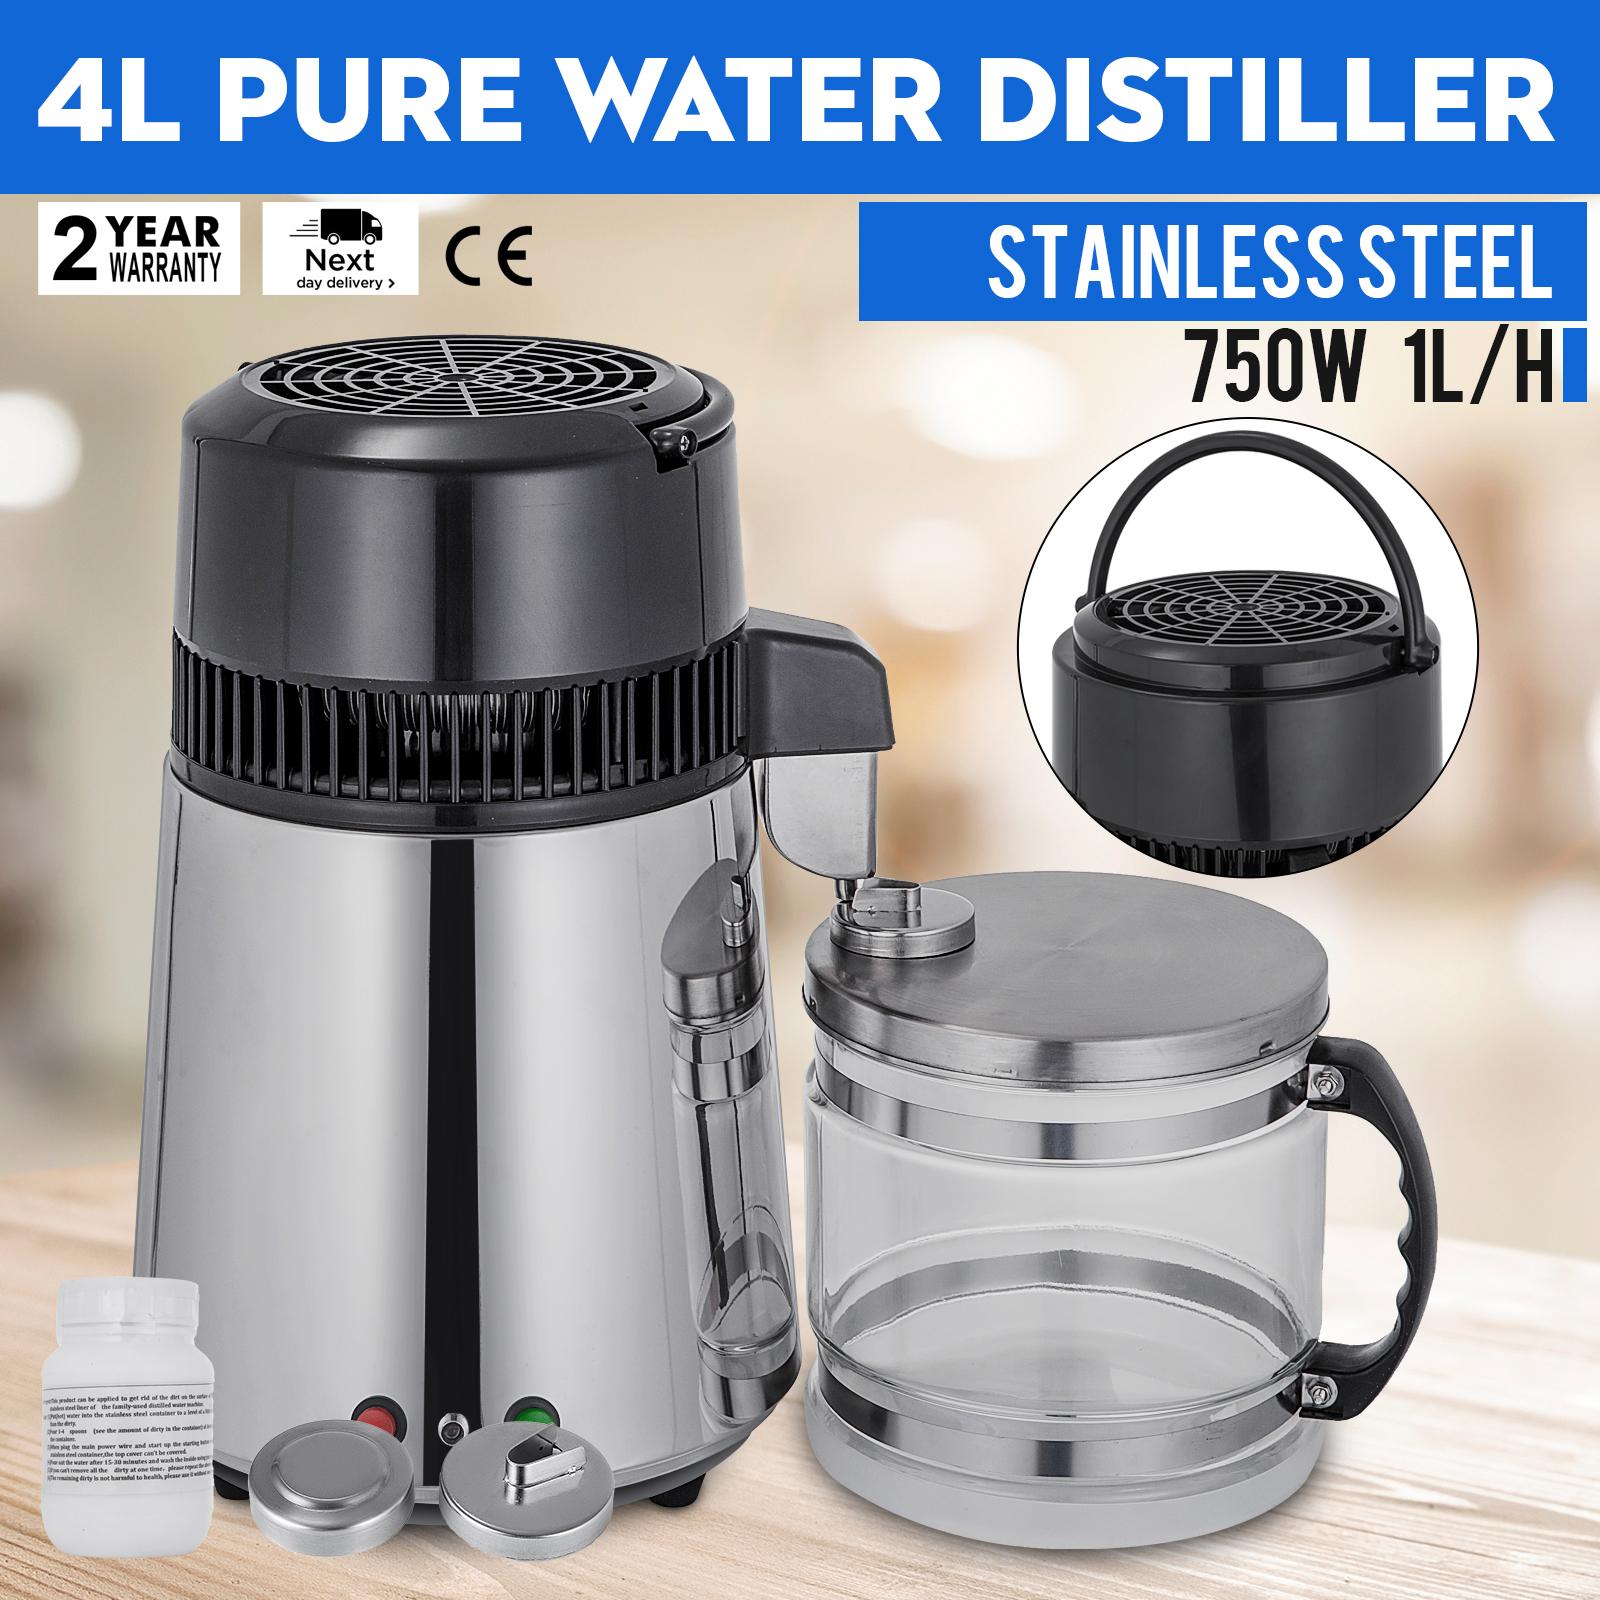 4L Wasser Destilliergerät Innenteil aus Edelstahl Distilled water machine 750W